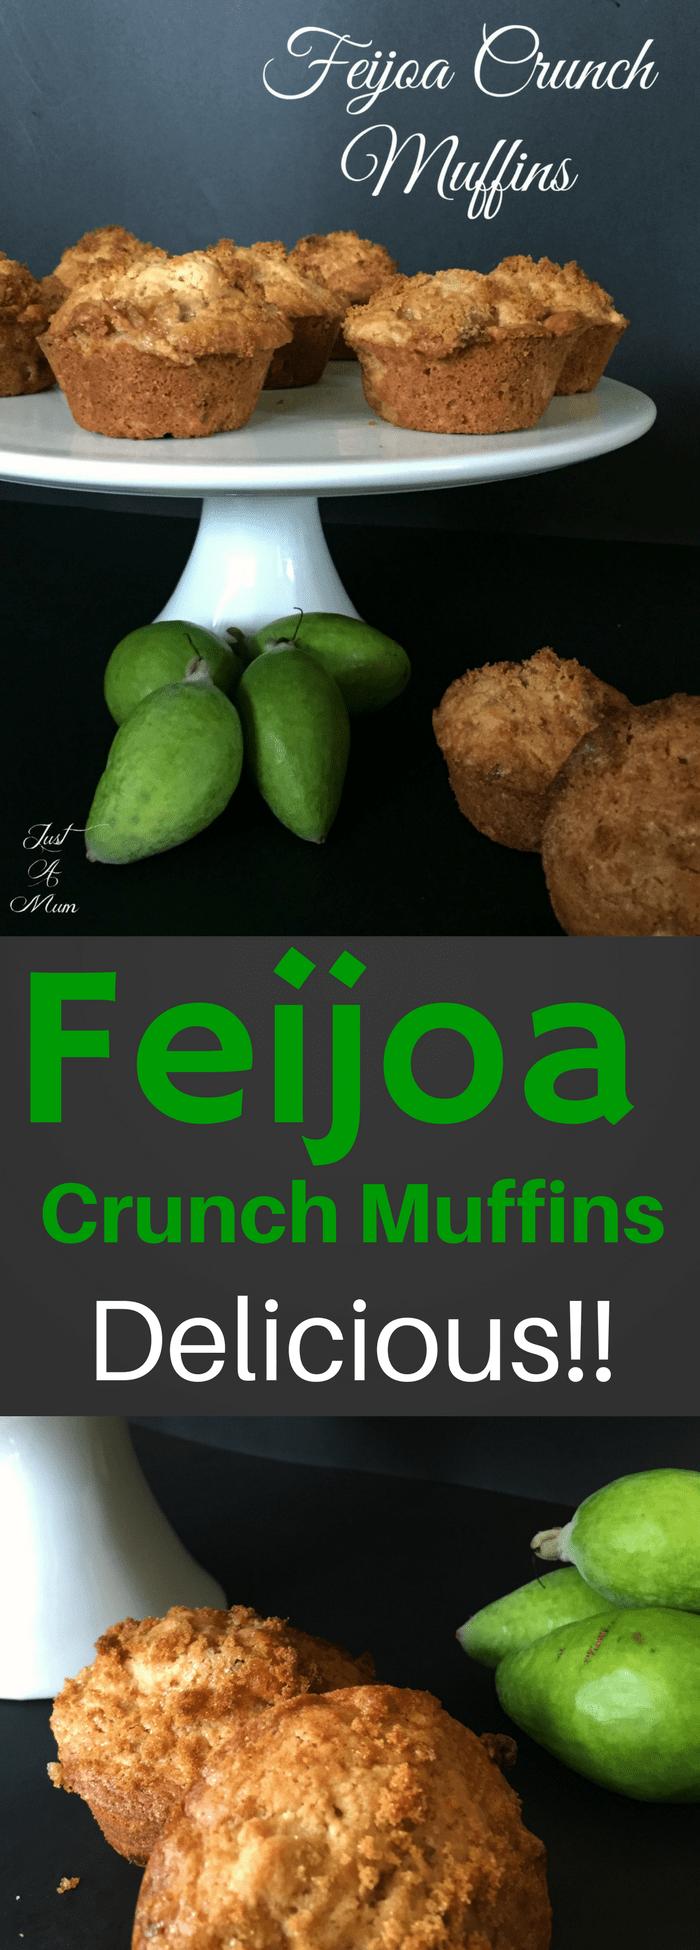 Just A Mum's Feijoa Crunch Muffins